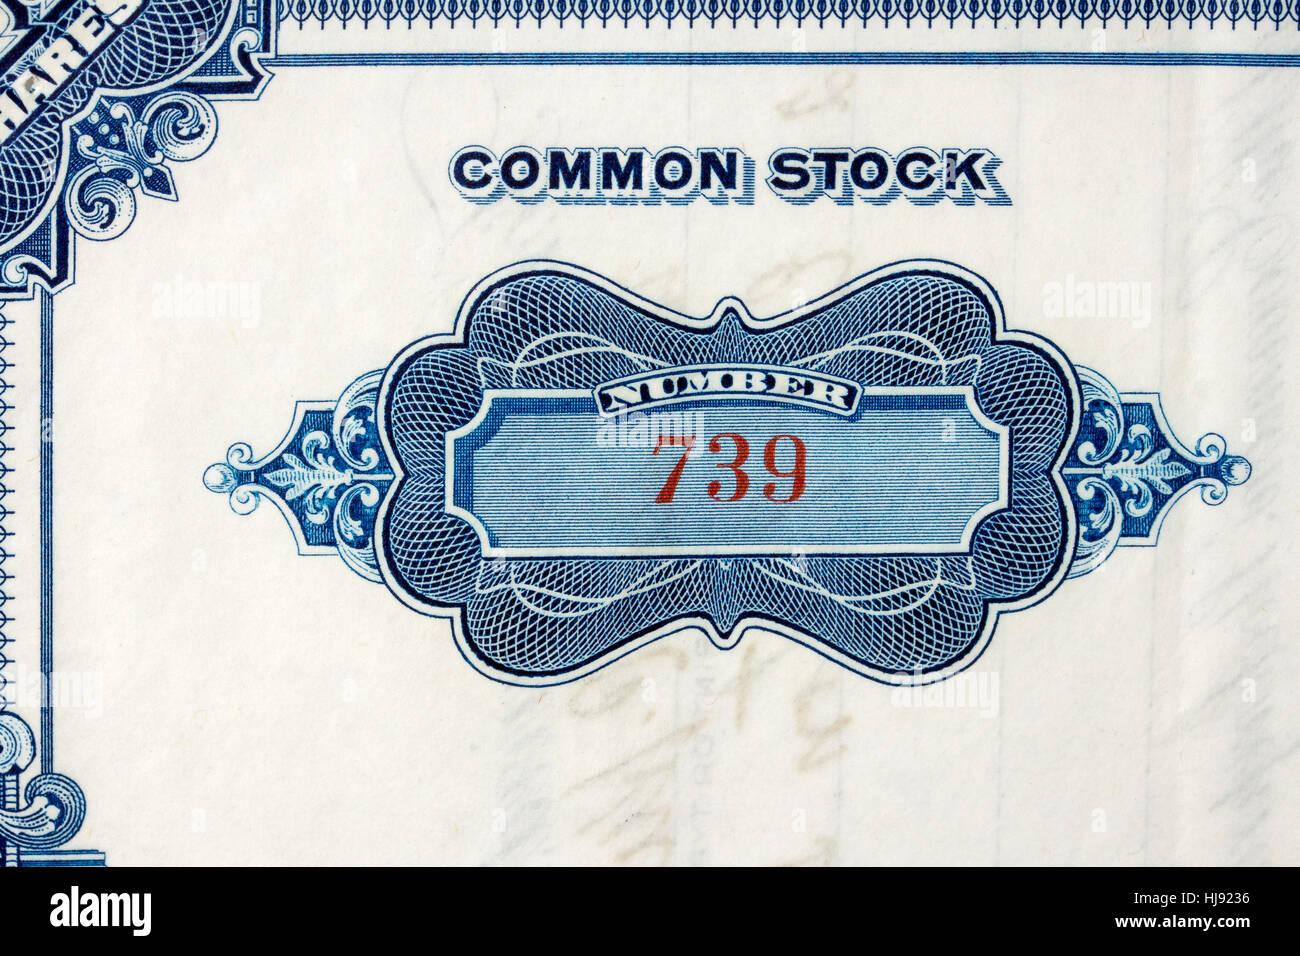 stock exchange, stock-exchange, emporium, center of trade, market, stock, money - Stock Image